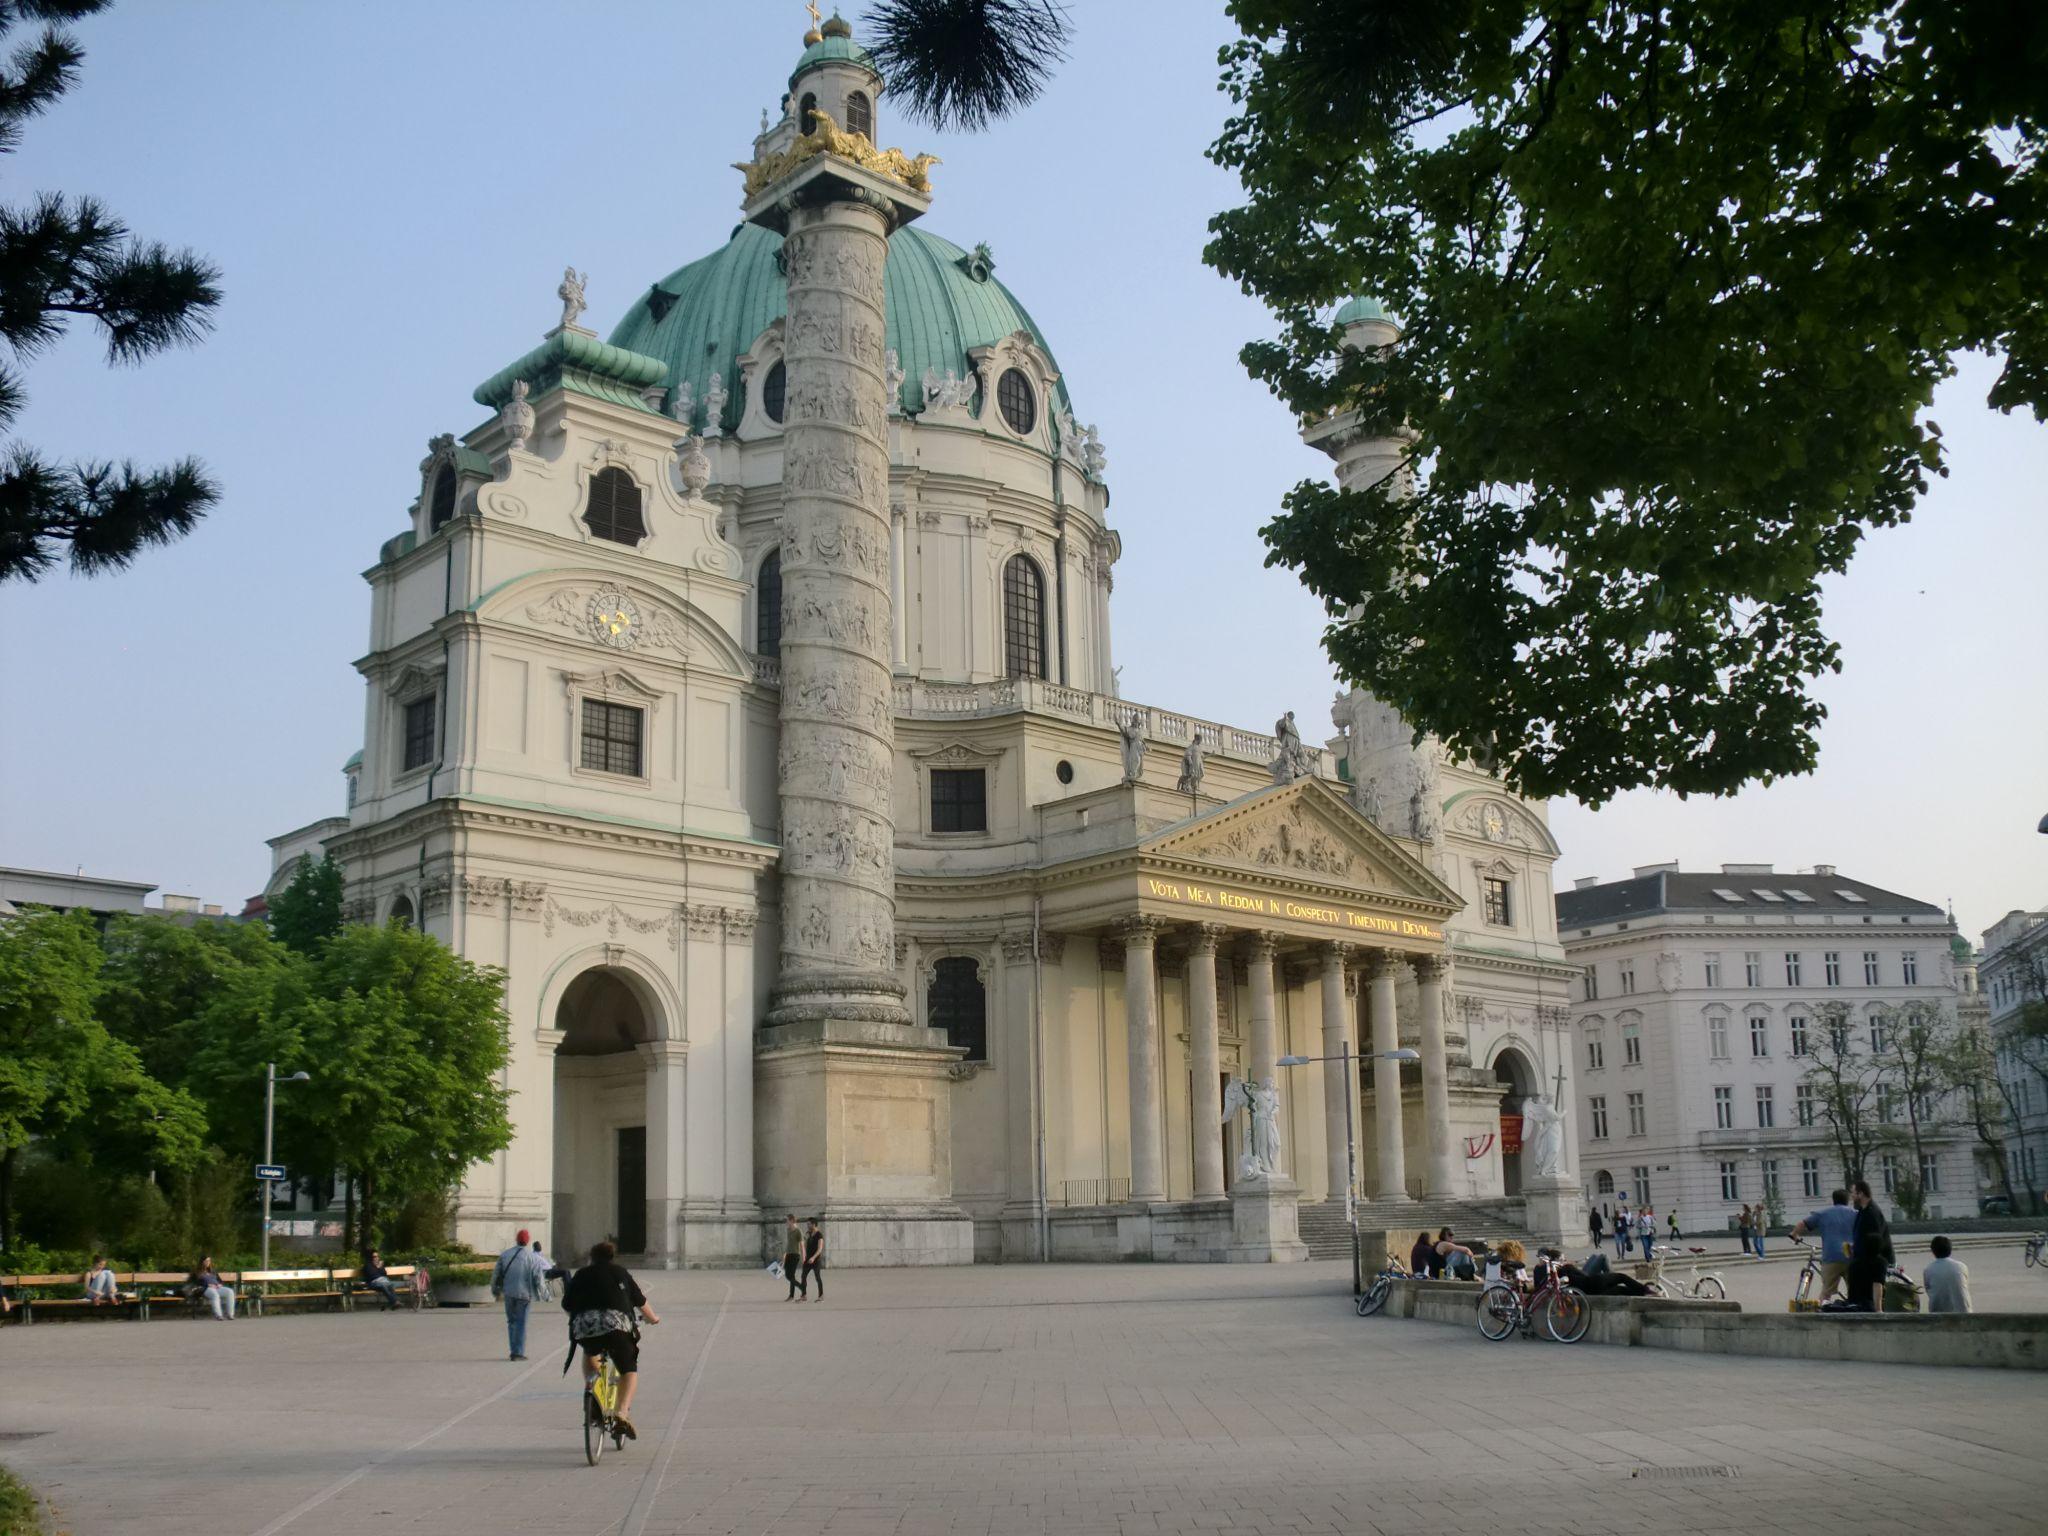 Vienna Opera 15 1440x1080 - Vienna: elegant beauty